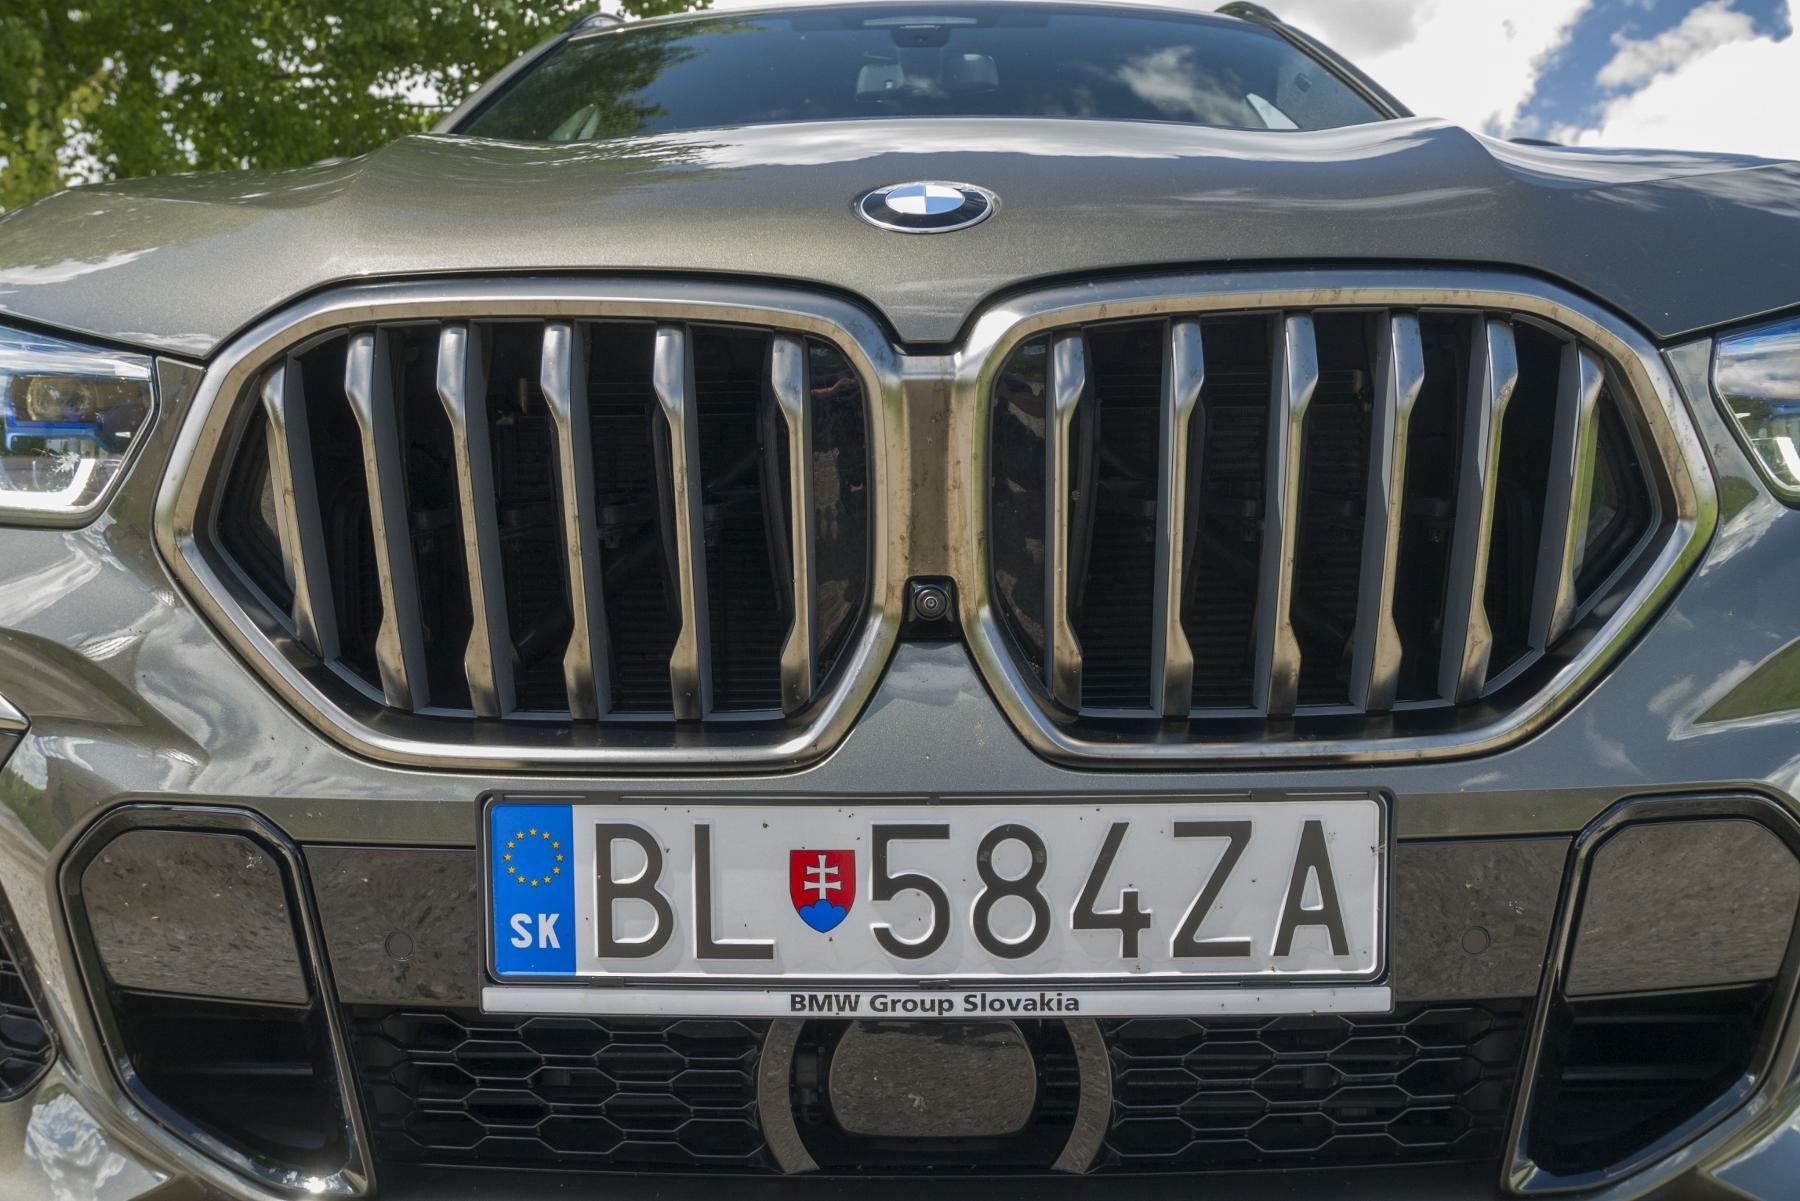 Test: BMW X6 M50i napína benzínové svaly, ale neukazuje plnú silu 0lJYT0o3v5 bmw-x6-m50i-5